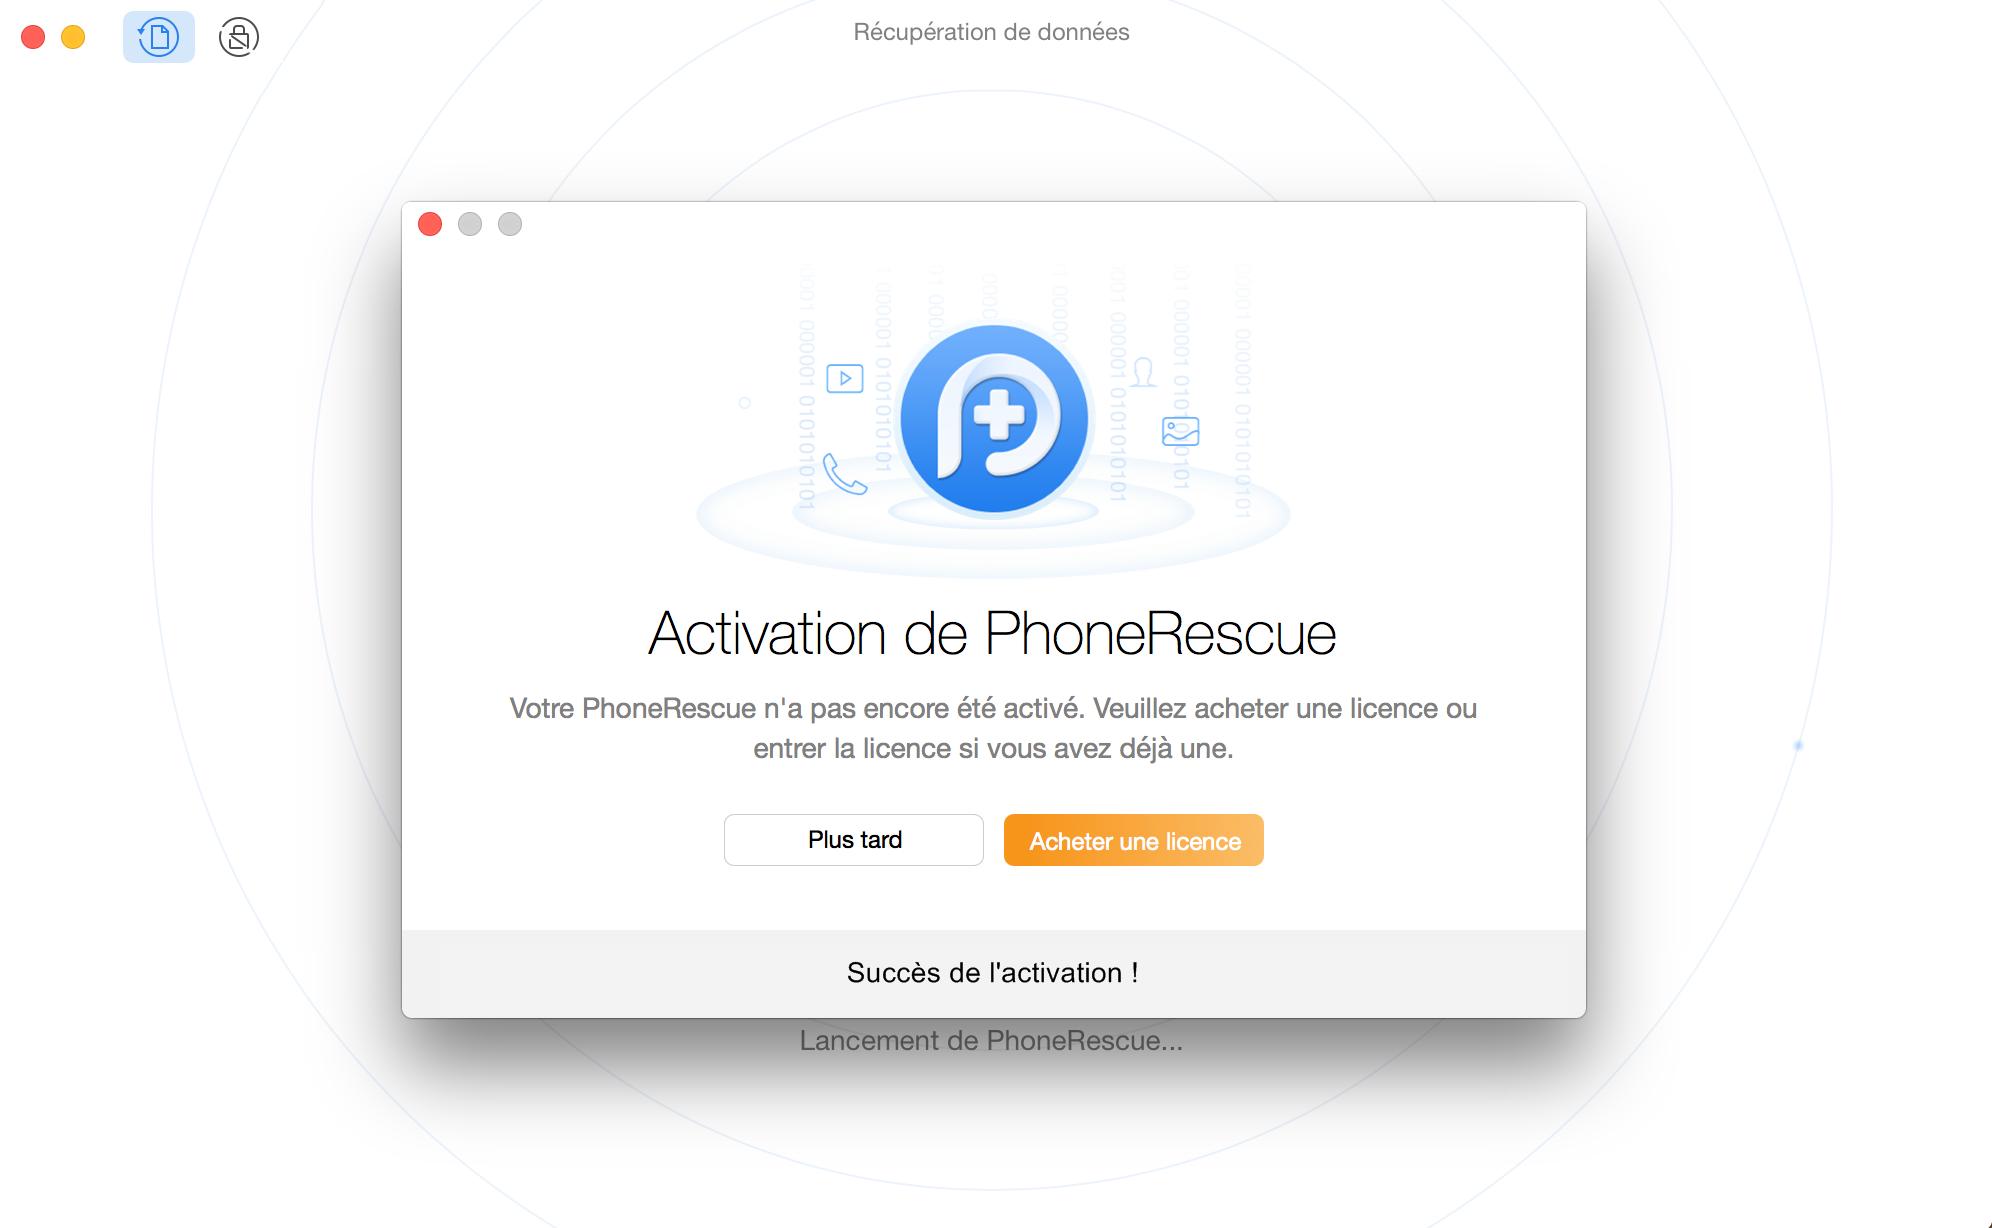 Enregistrement de PhoneRescue pour LG avec succès